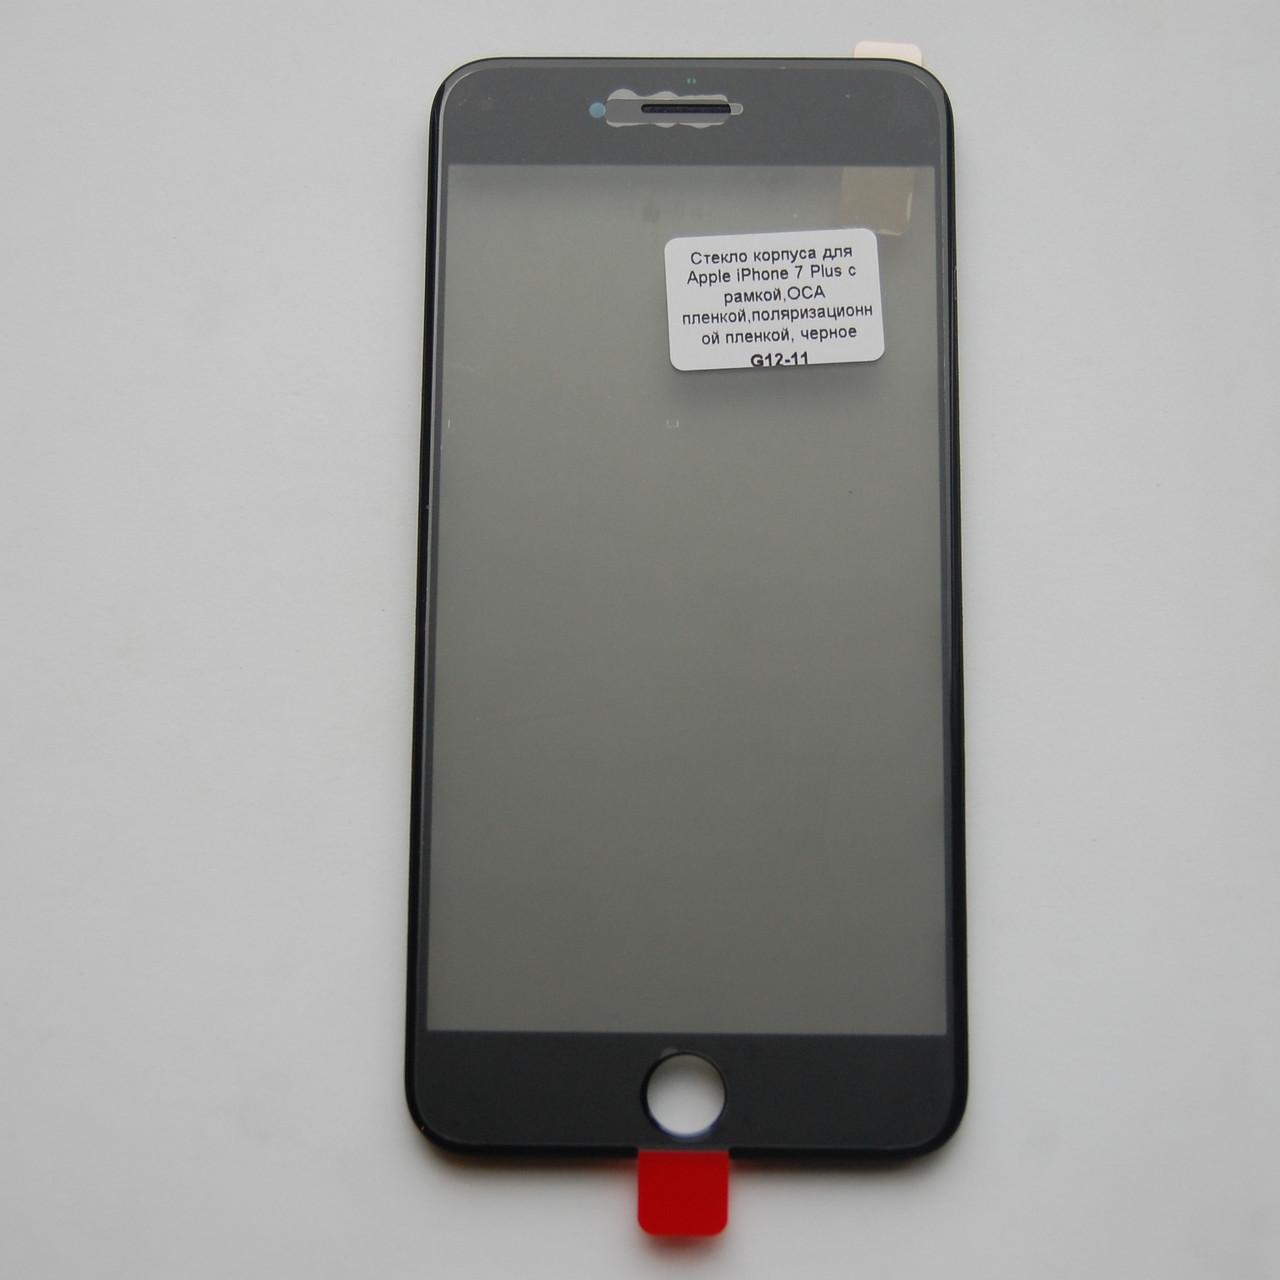 Стекло корпуса для Apple iPhone 7 Plus с рамкой,OCA пленкой,поляризационной пленкой, черное